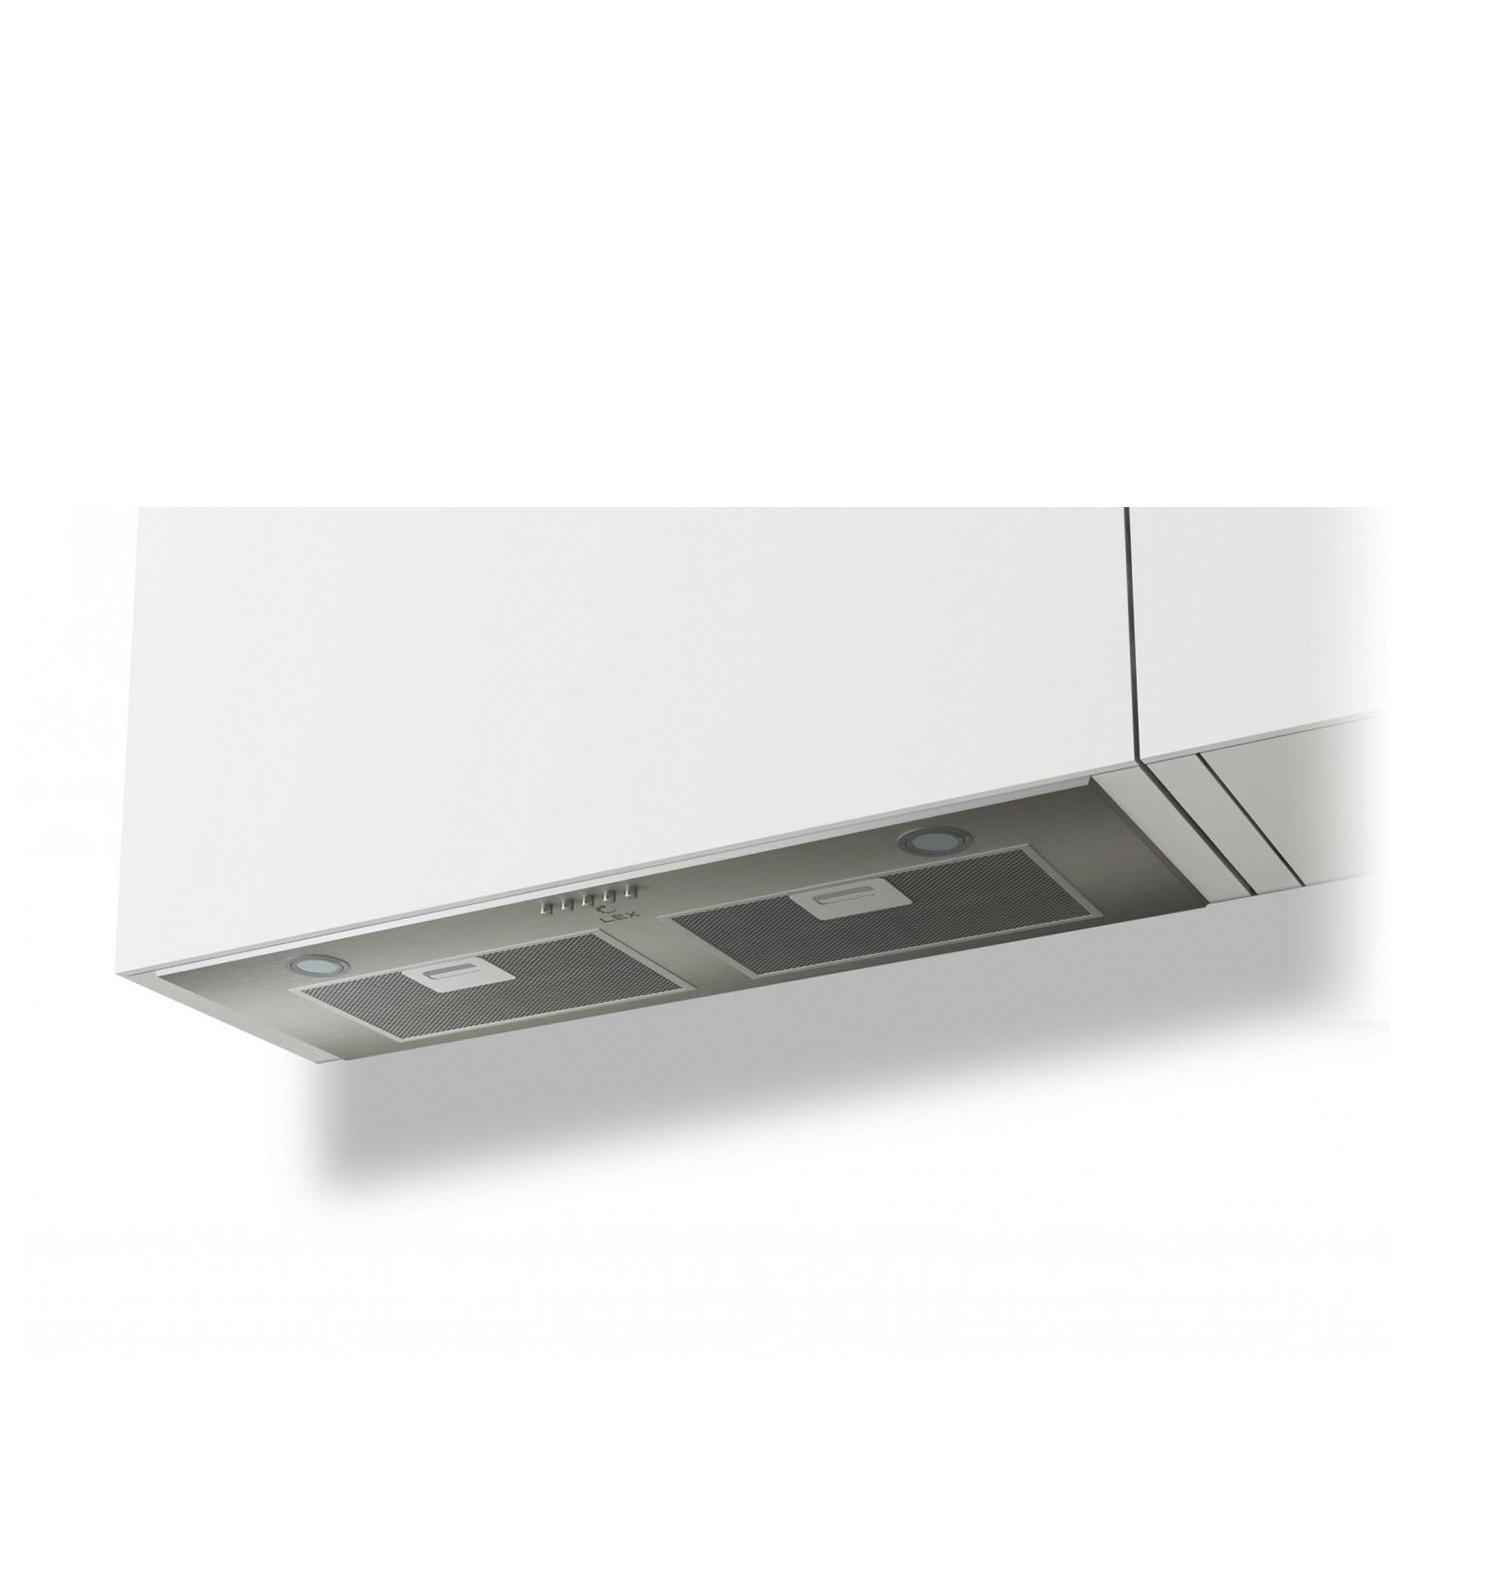 Встраиваемая кухонная вытяжка LEX GS BLOC P 900 Inox